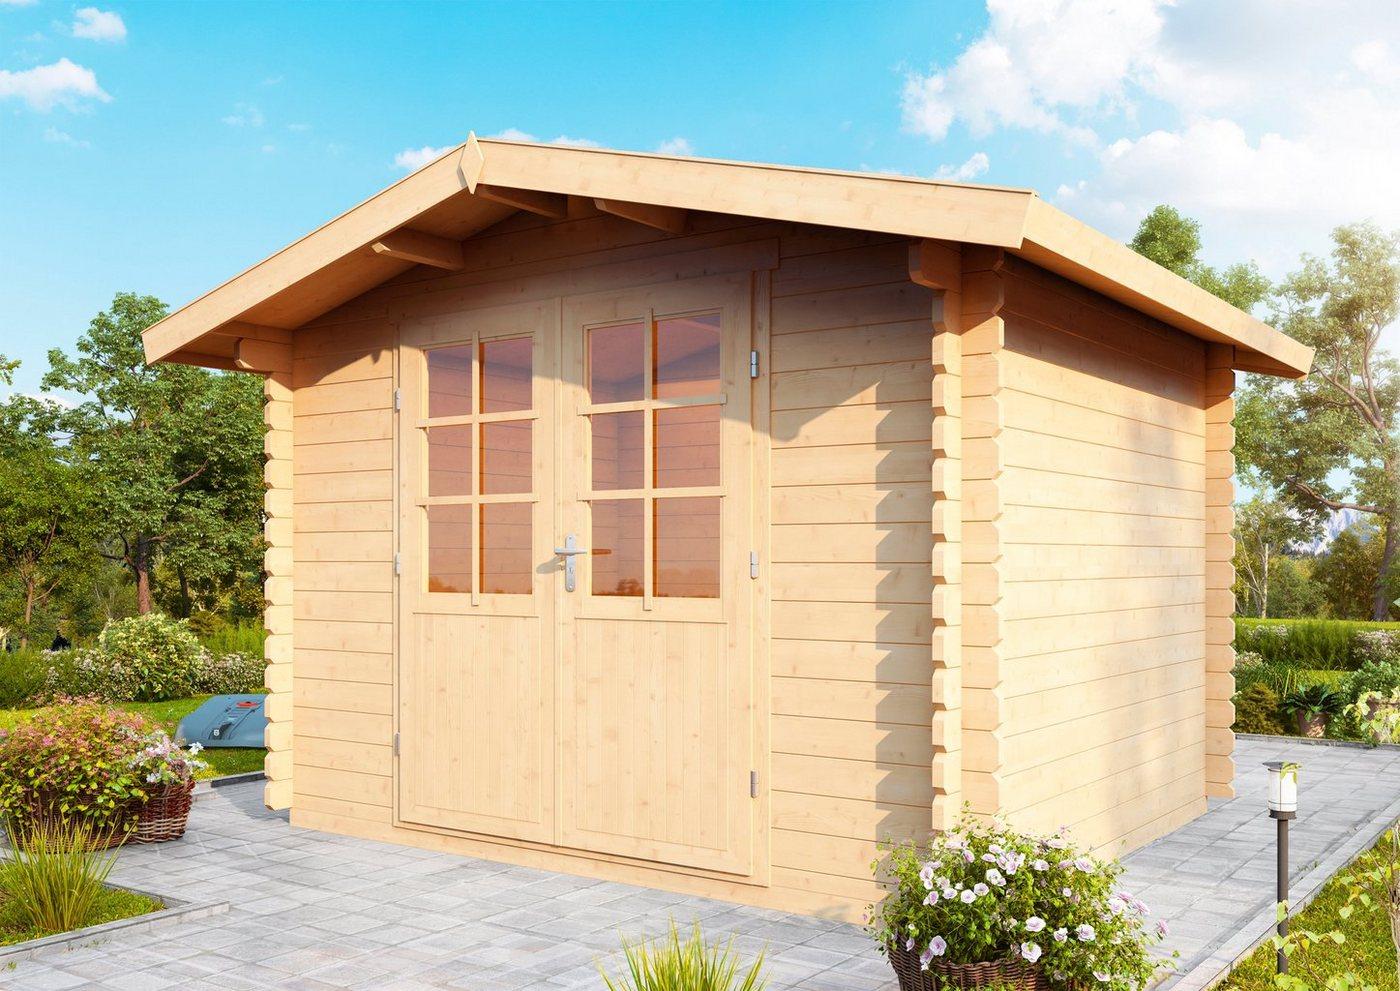 WOLFF FINNHAUS Gartenhaus »Bibertal 28-B«, BxT: 350x330 cm, inkl. Fußboden und Vordach | Garten > Bodenbeläge-Garten | Wolff